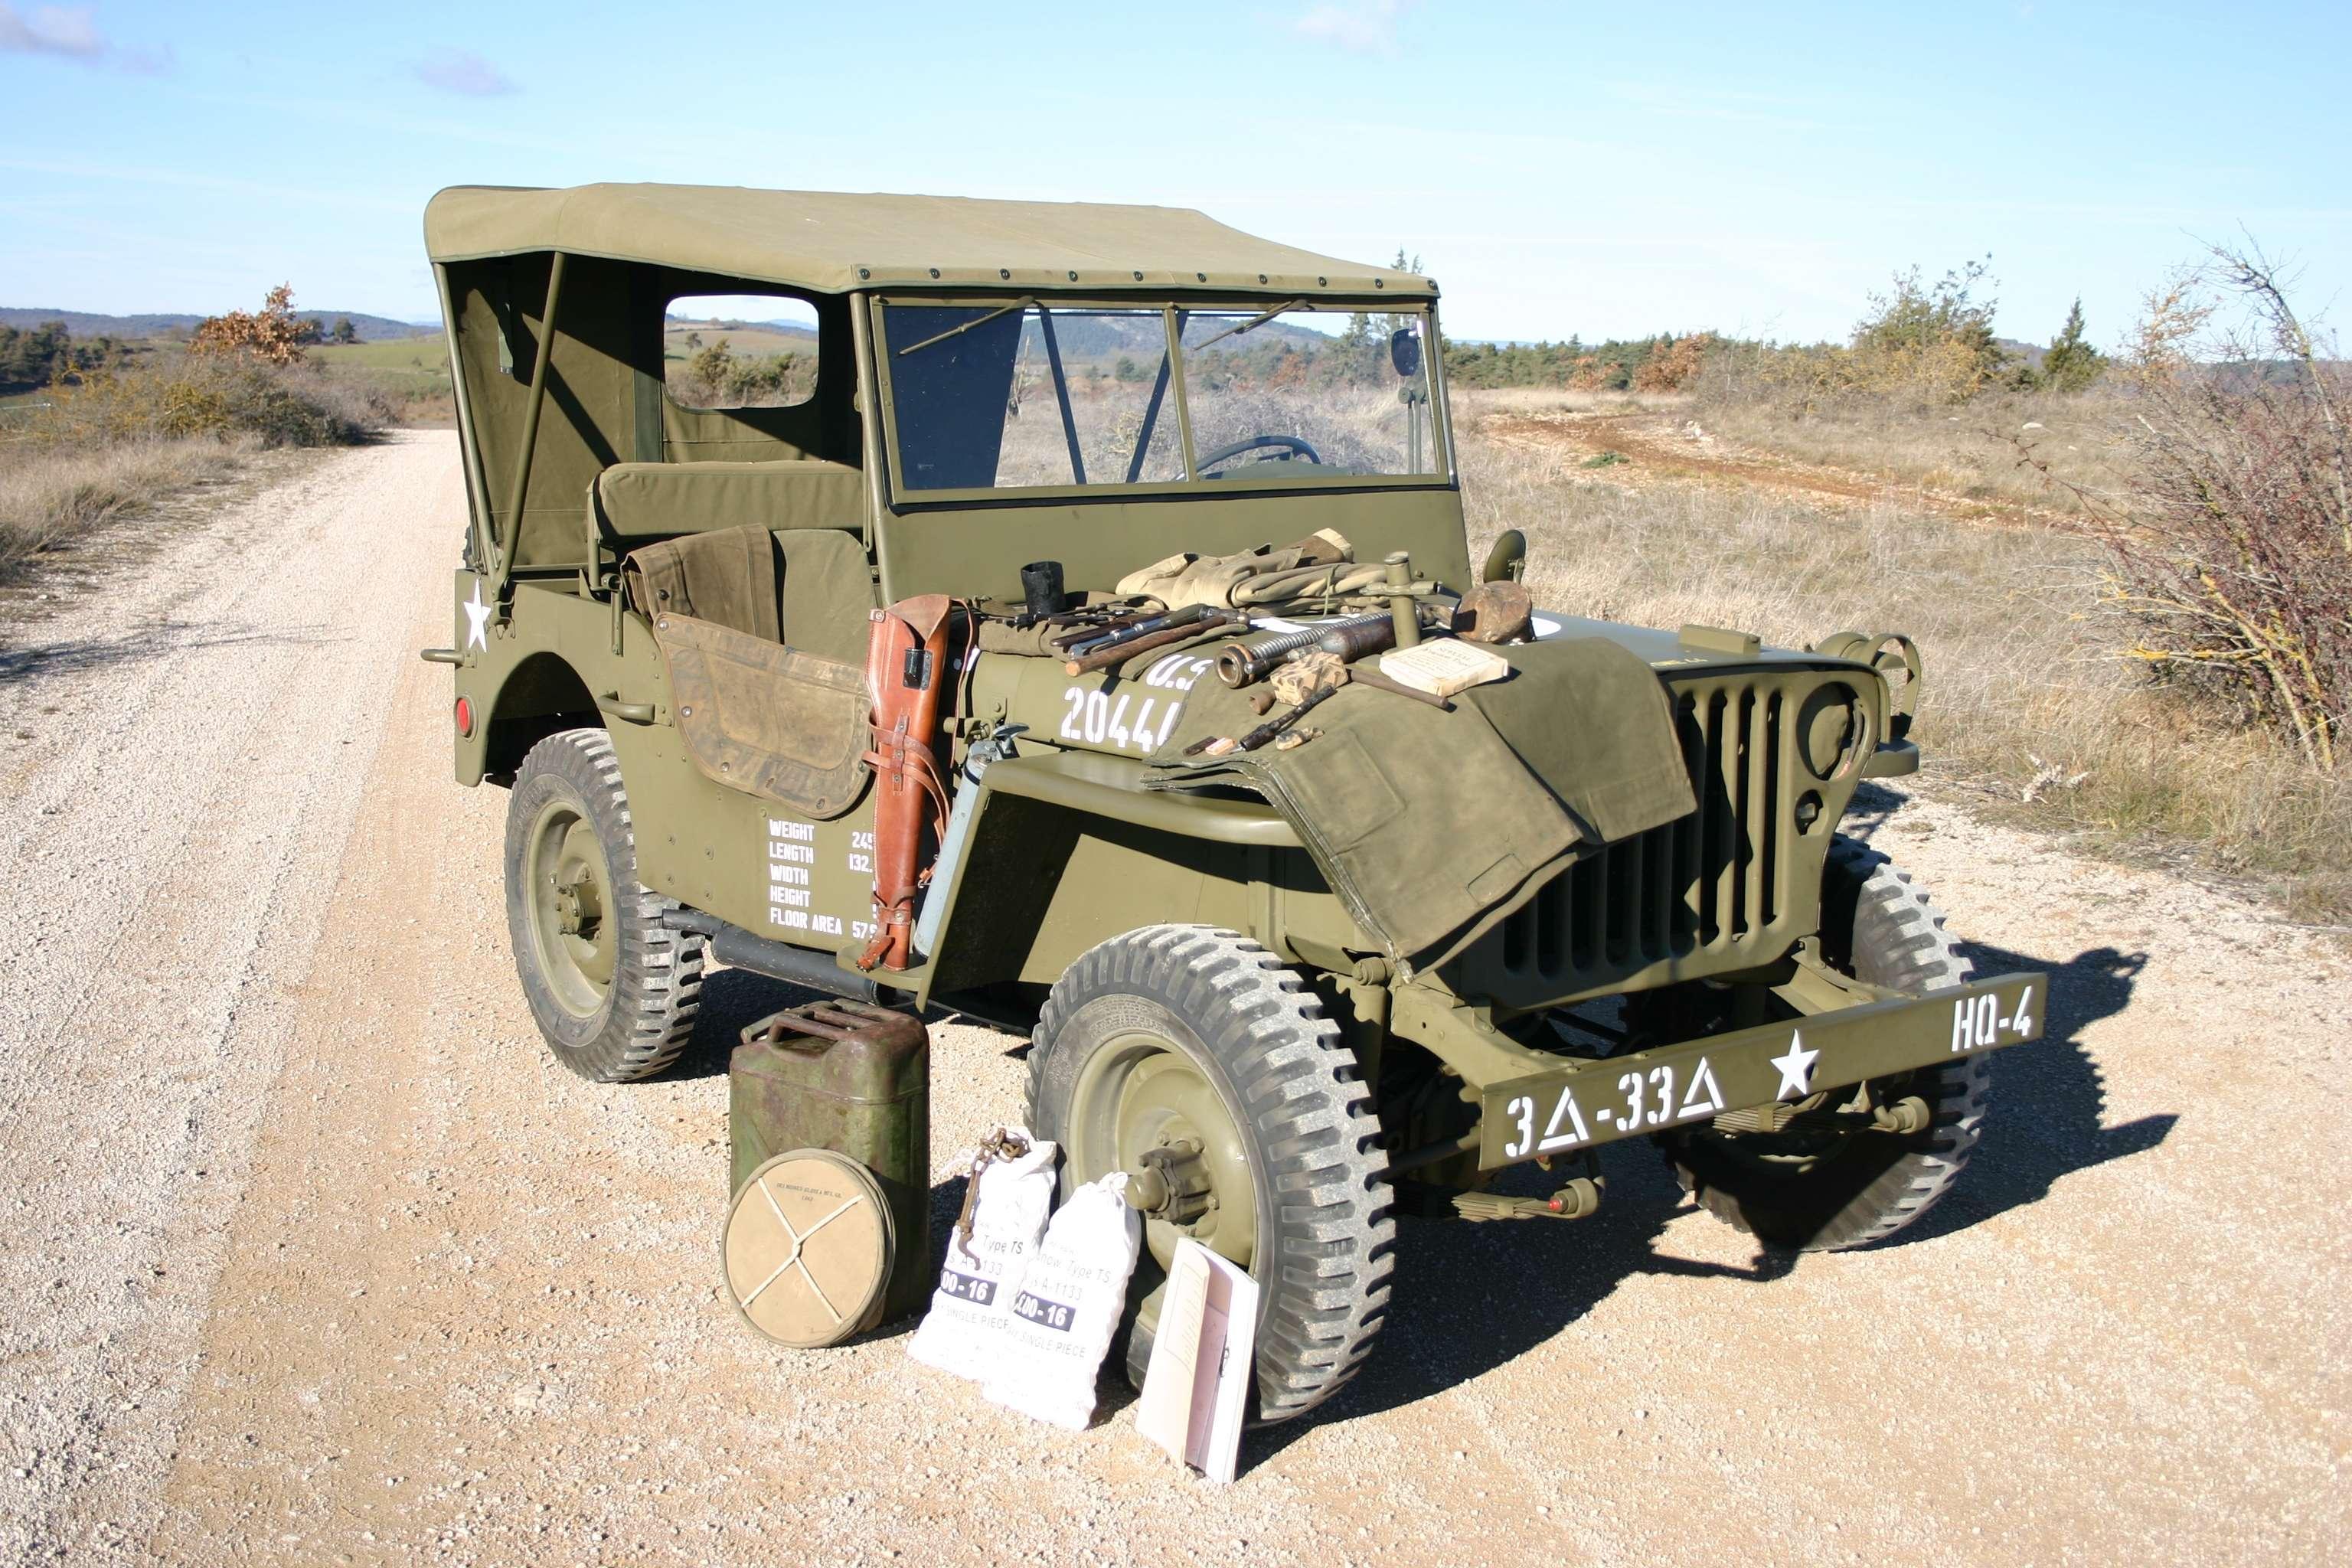 Jeep Wyllis (1943) : ce véhicule qui appartient à l'une des premières générations de la fameuse Jeep a été restauré dans les régles de l'art. Aucun accessoire ne fait défaut : la pelle Winchester, la hache Bladwin, le jerrycan, la boussole et même le décontaminateur d'eau sont à bord. Estimation: 20 000-30 000 euros.